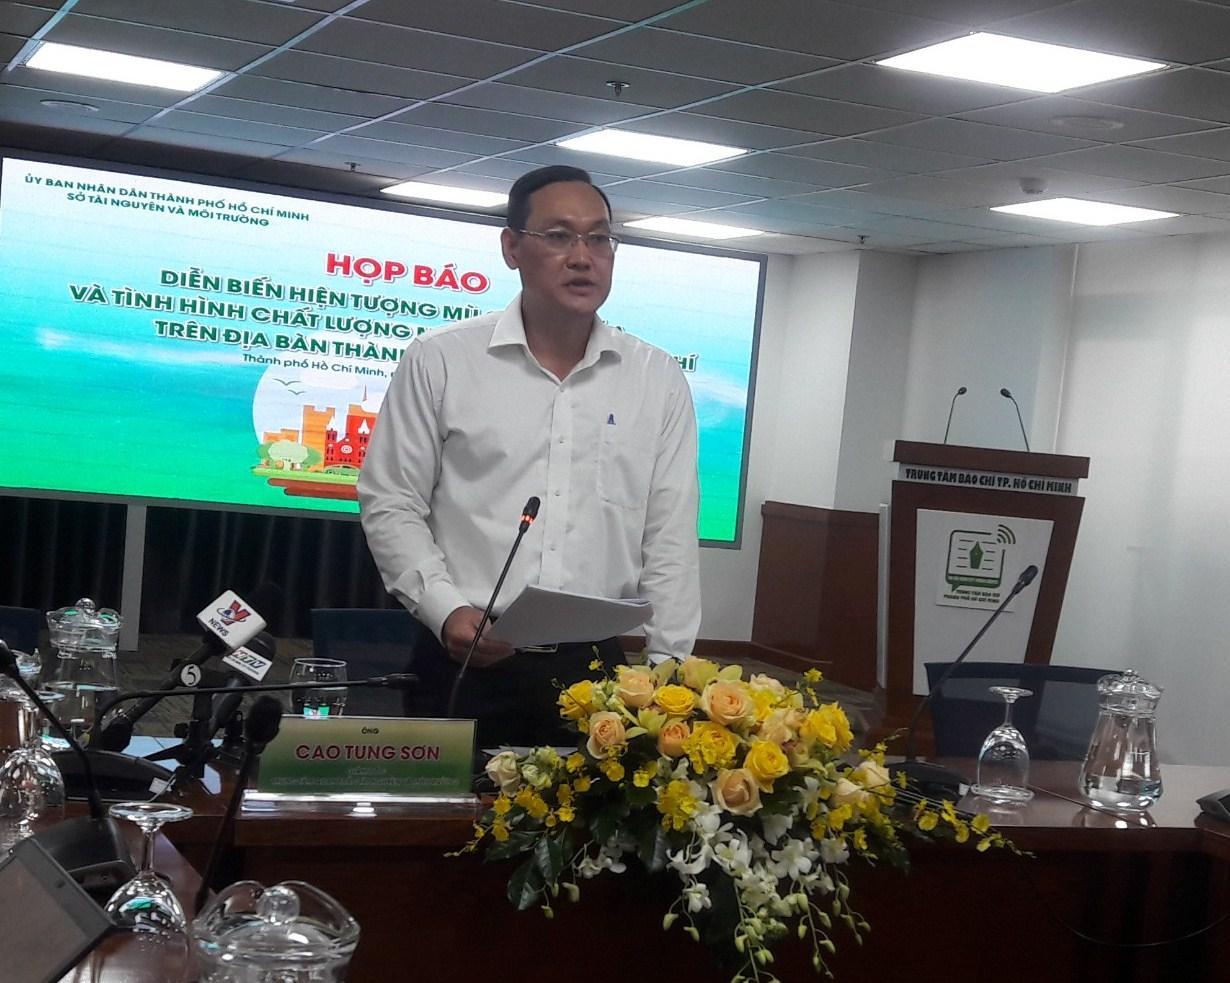 Hiện tượng mù quang hóa gây ô nhiễm không khí tại TP. Hồ Chí Minh Ảnh 1